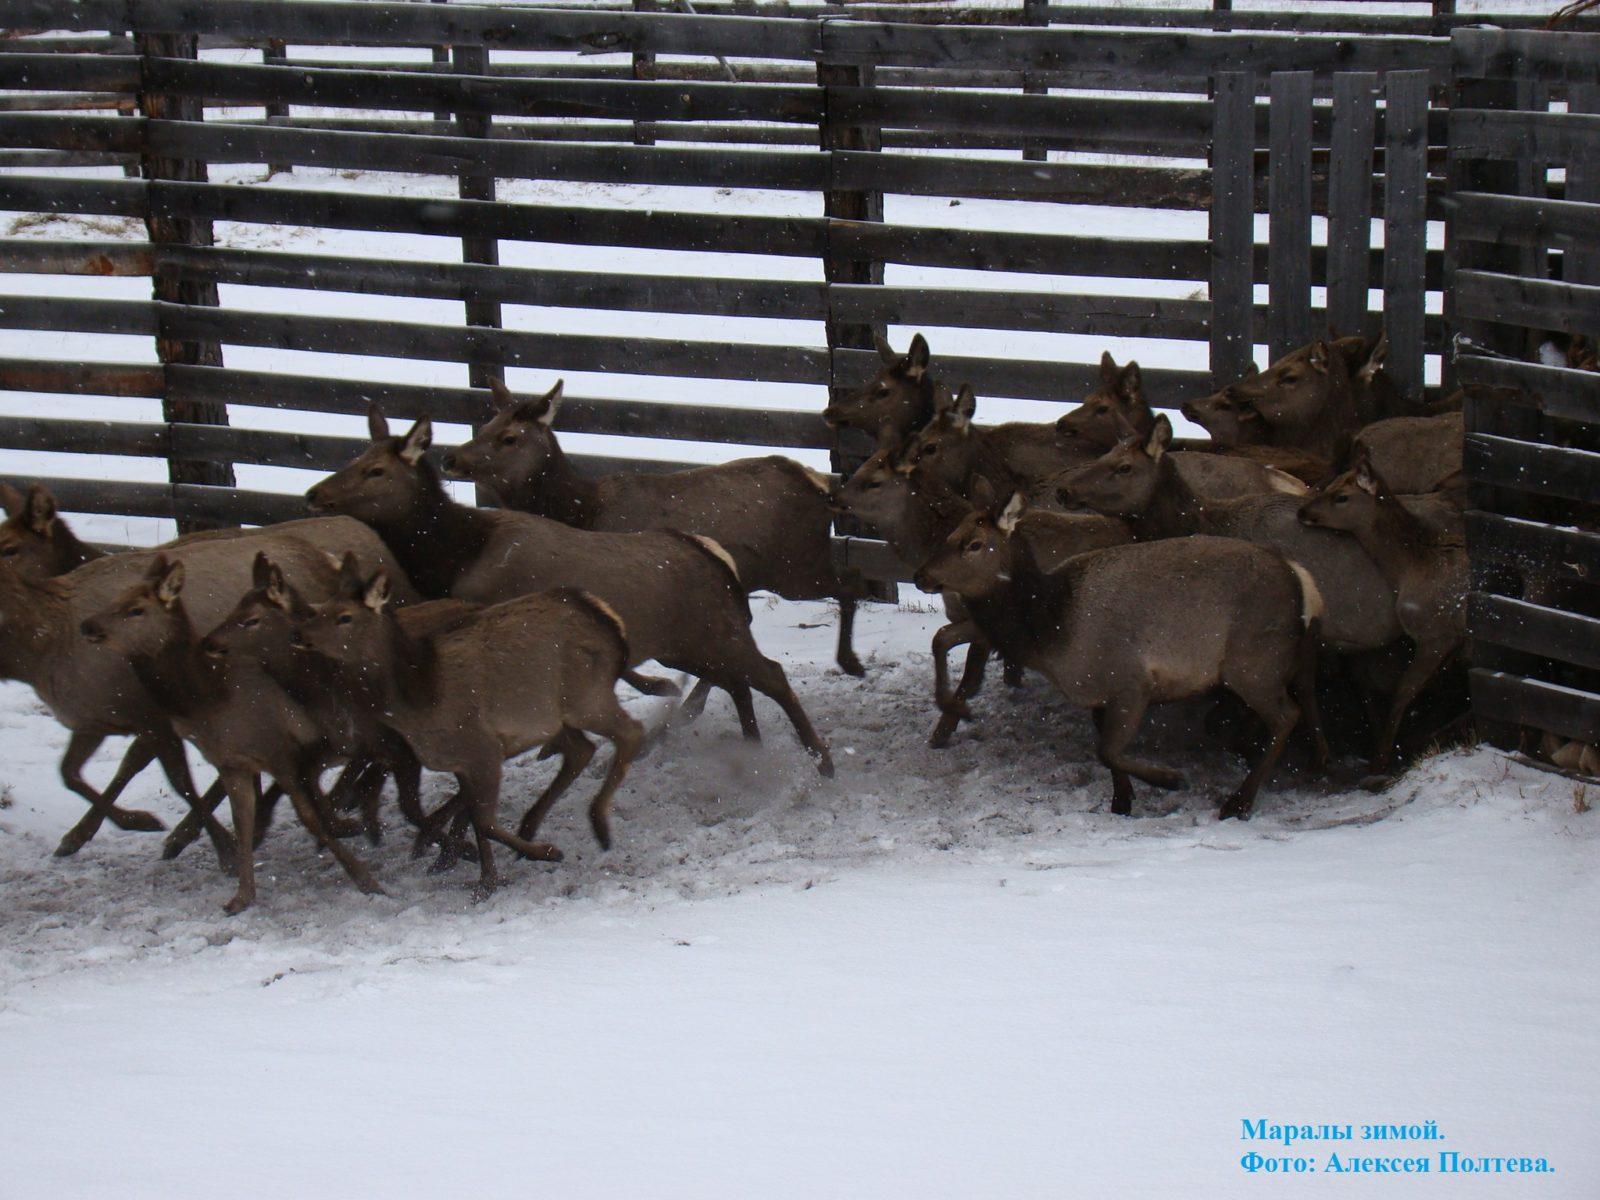 Маралы зимой.